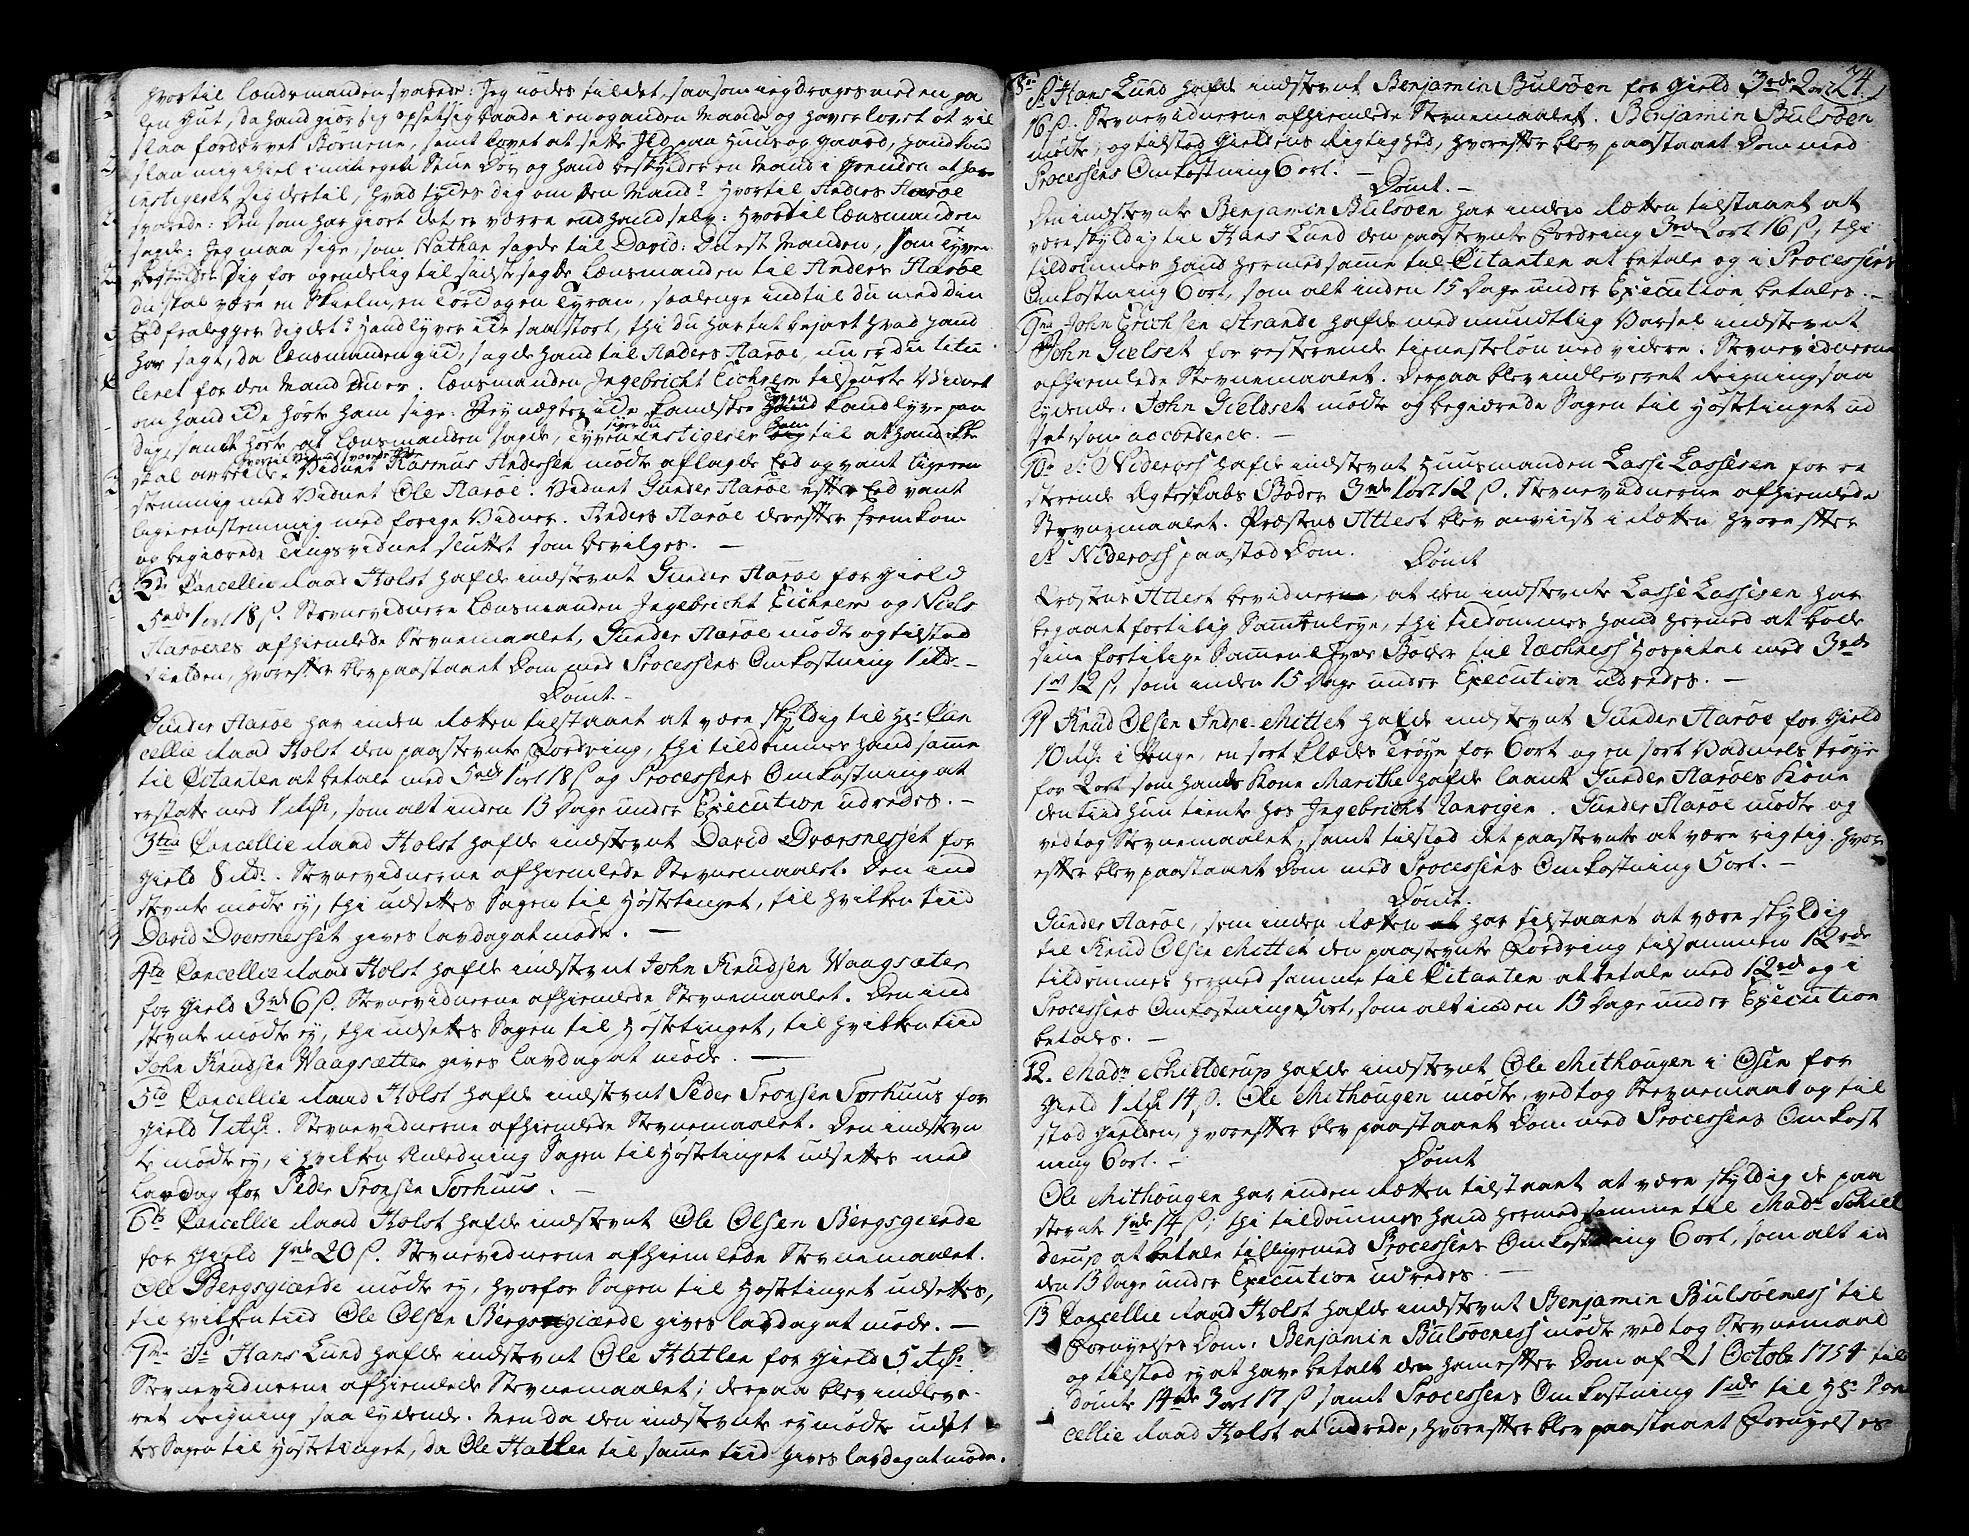 SAT, Romsdal sorenskriveri, 1/1A/L0014: Tingbok, 1757-1765, s. 24